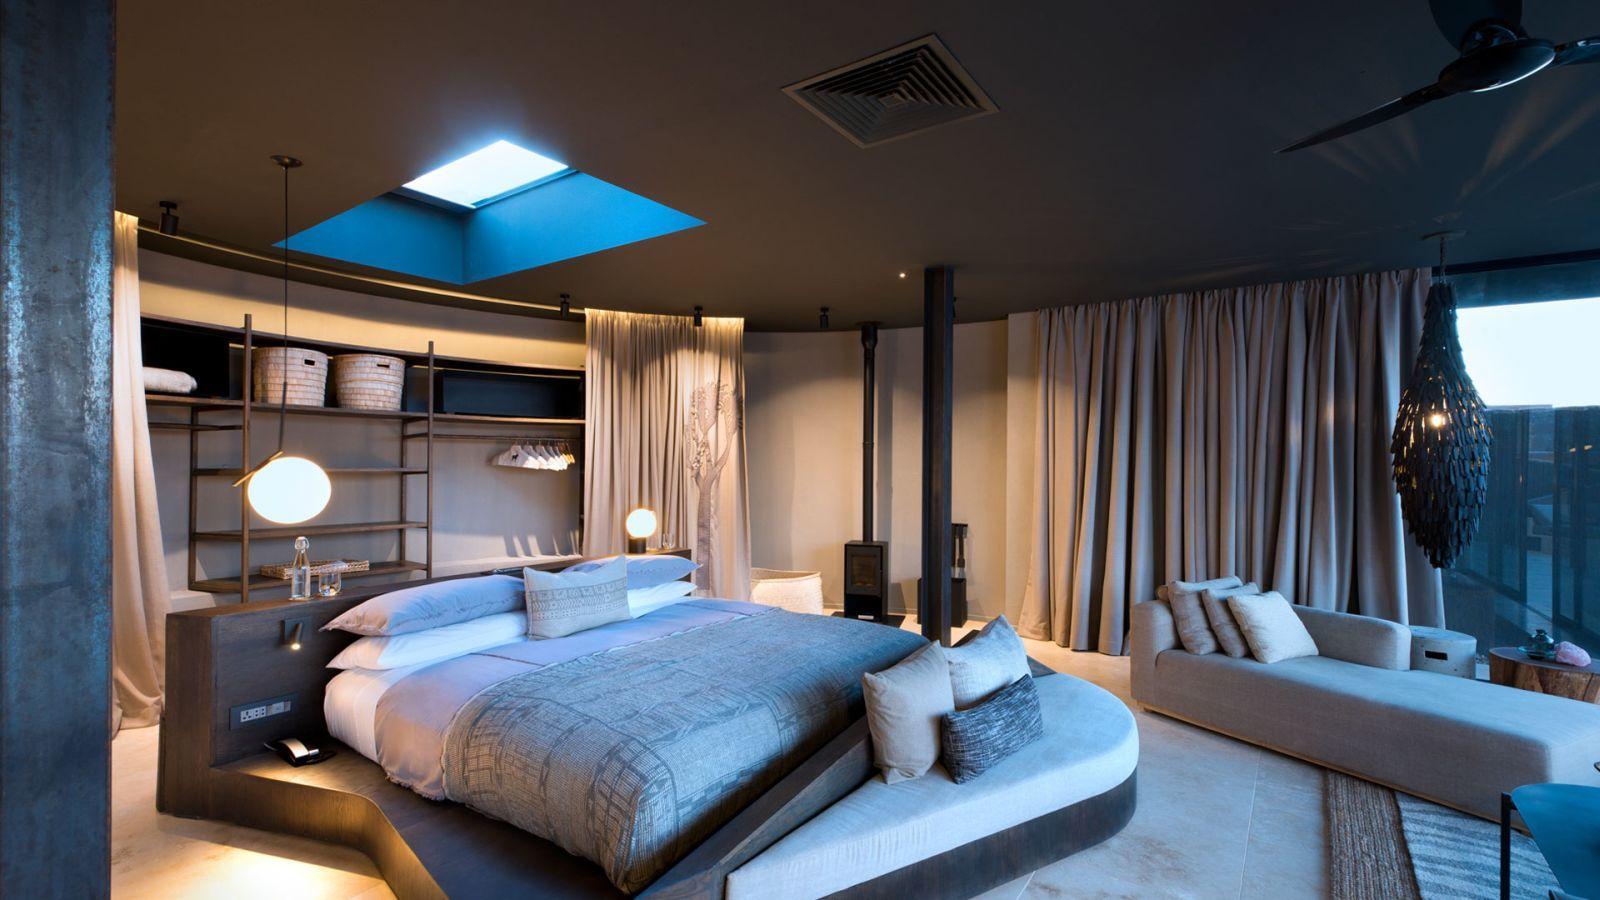 Vendégszoba középre rendezett ággyal